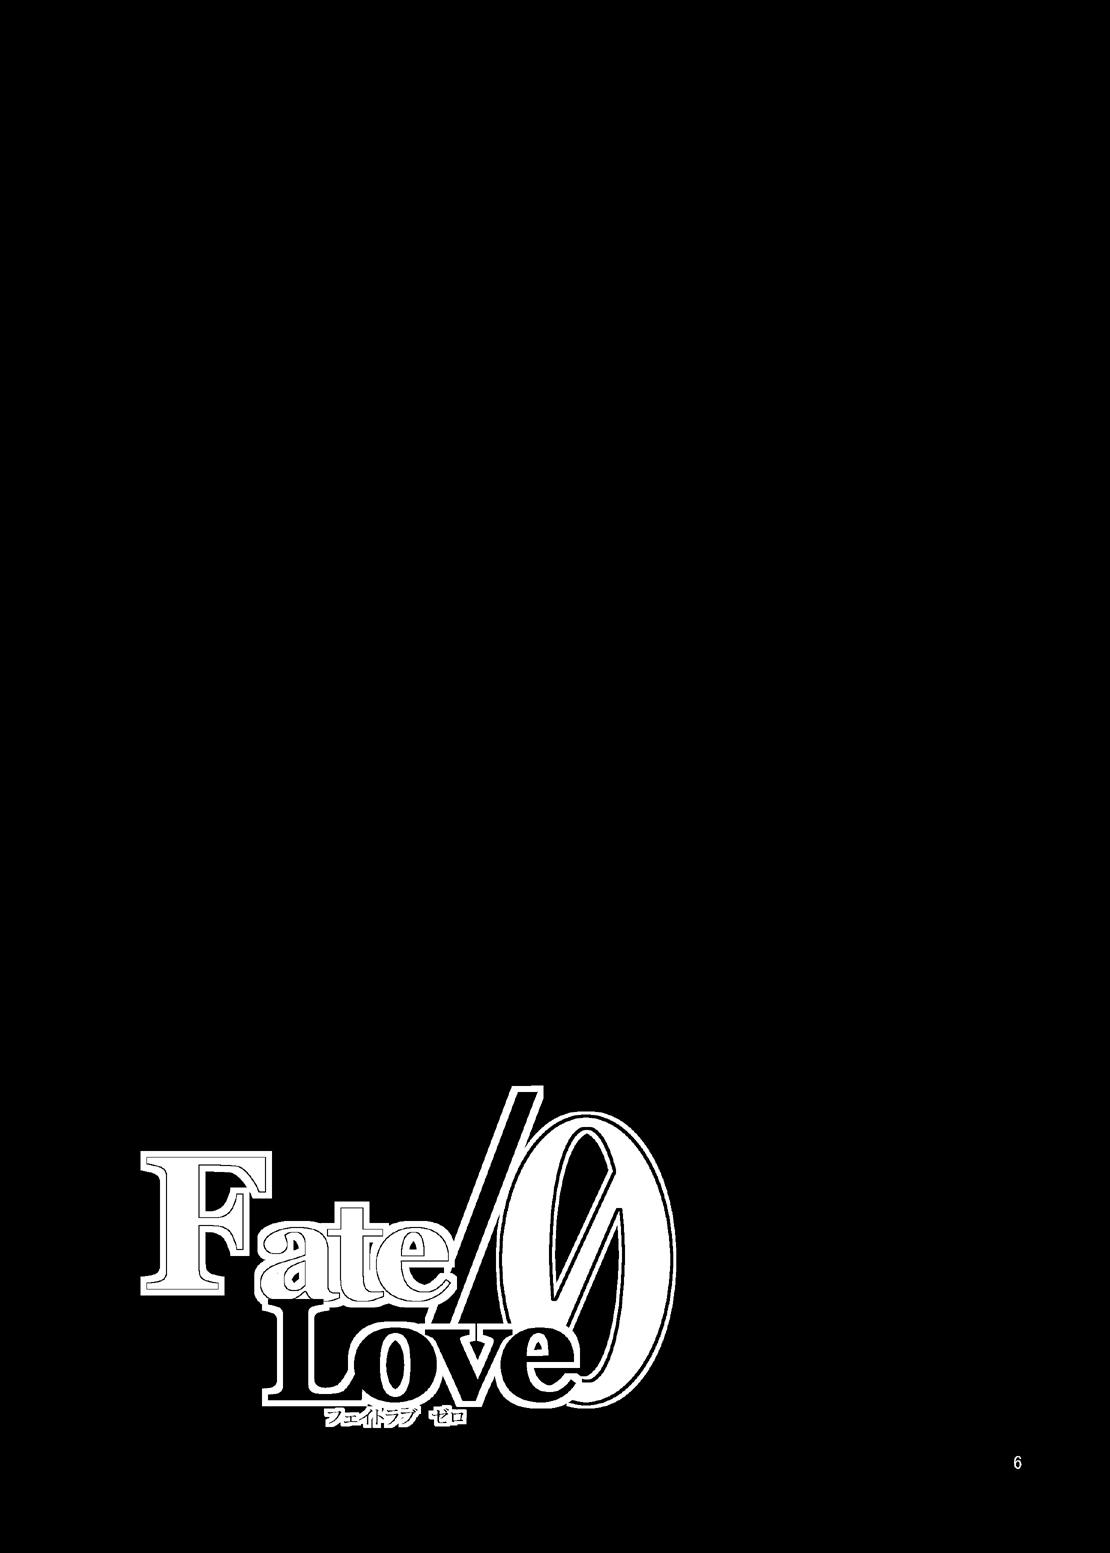 Fate/Love 0 4